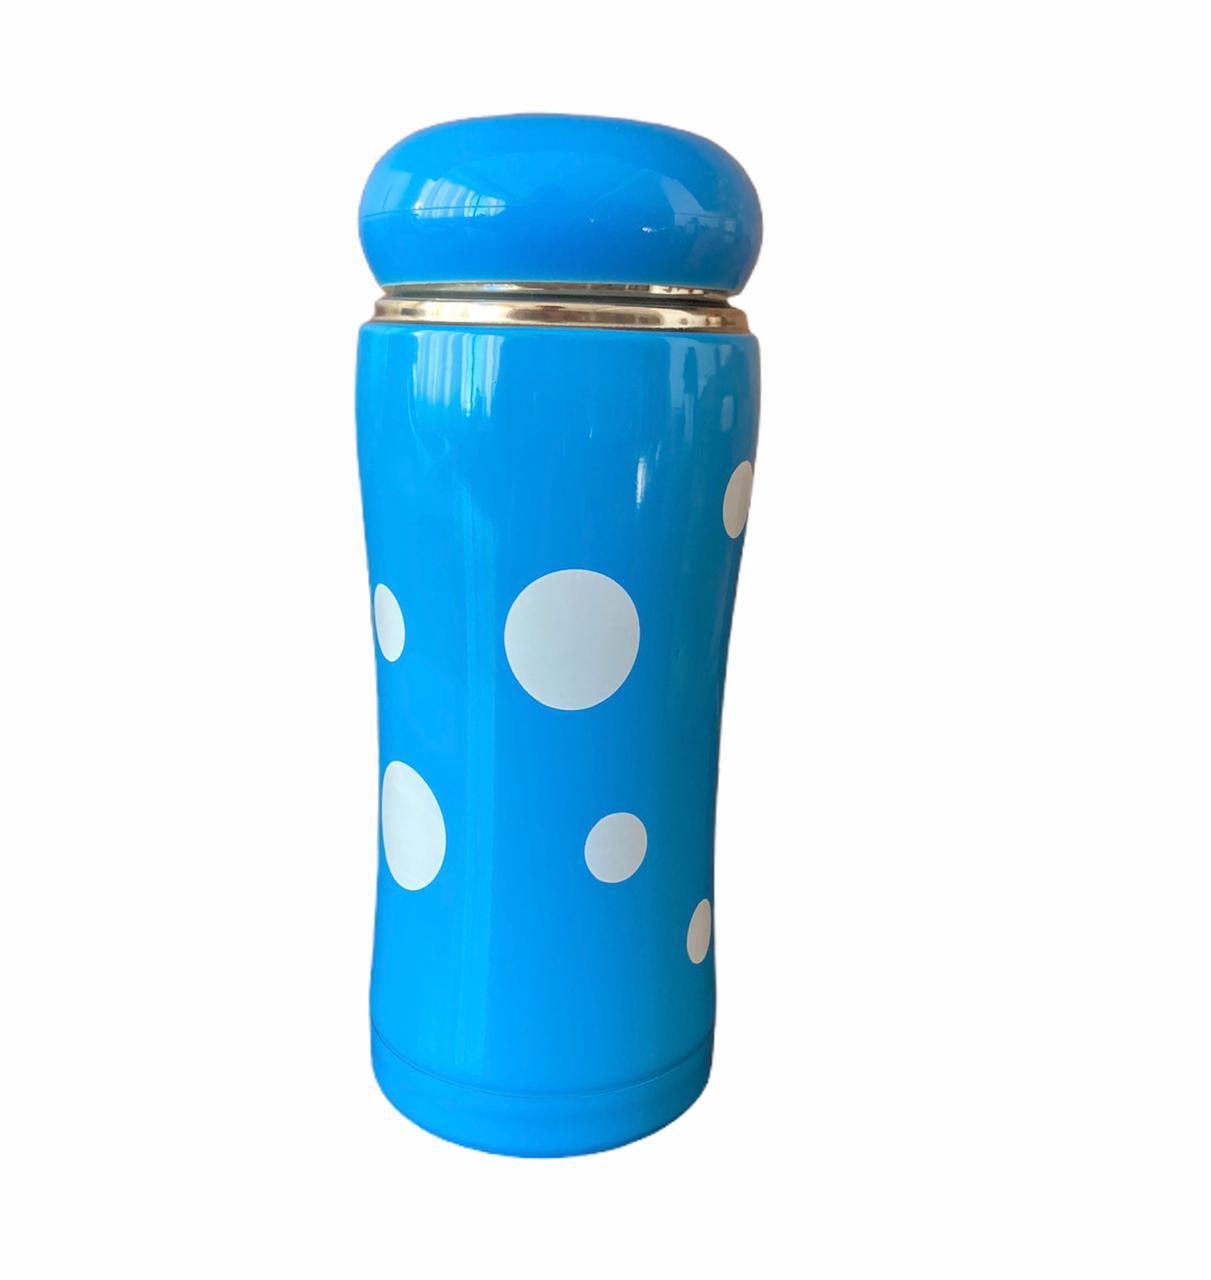 Garrafa térmica Azul Bolinhas - 300 ml